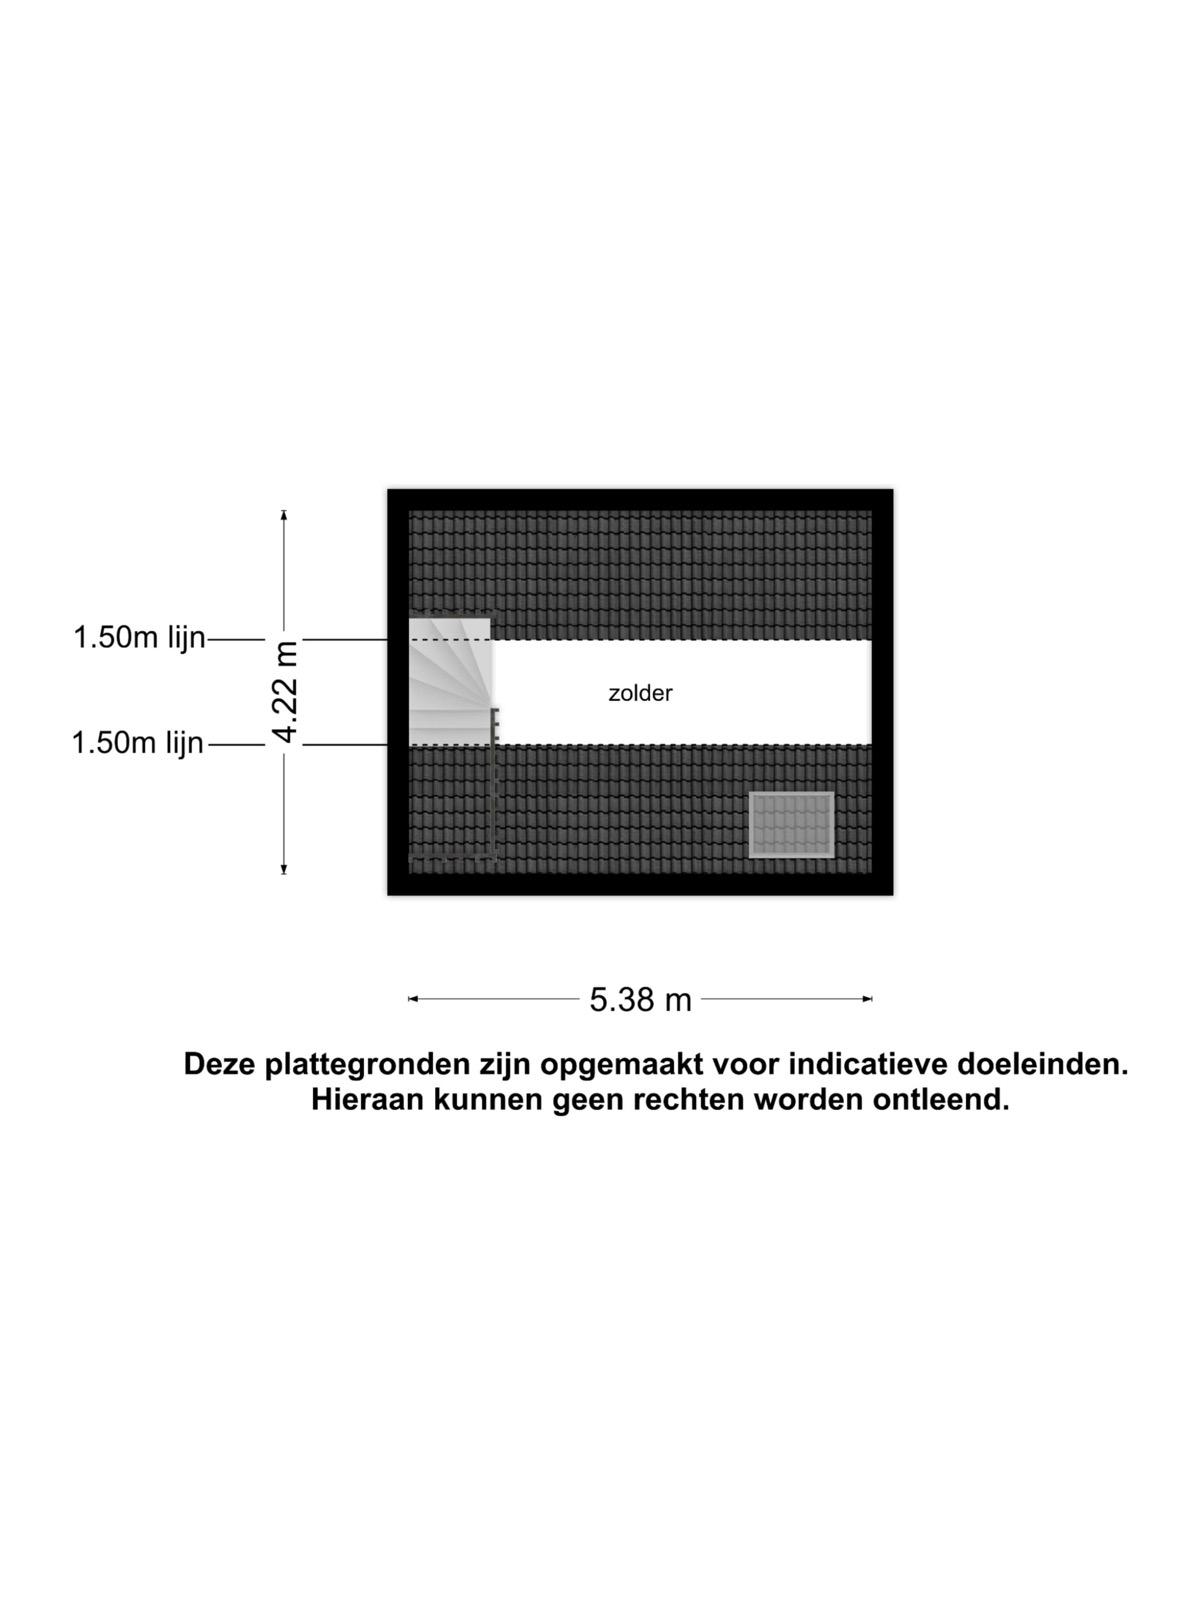 waterpeil-2-sneek-plattegrond-20